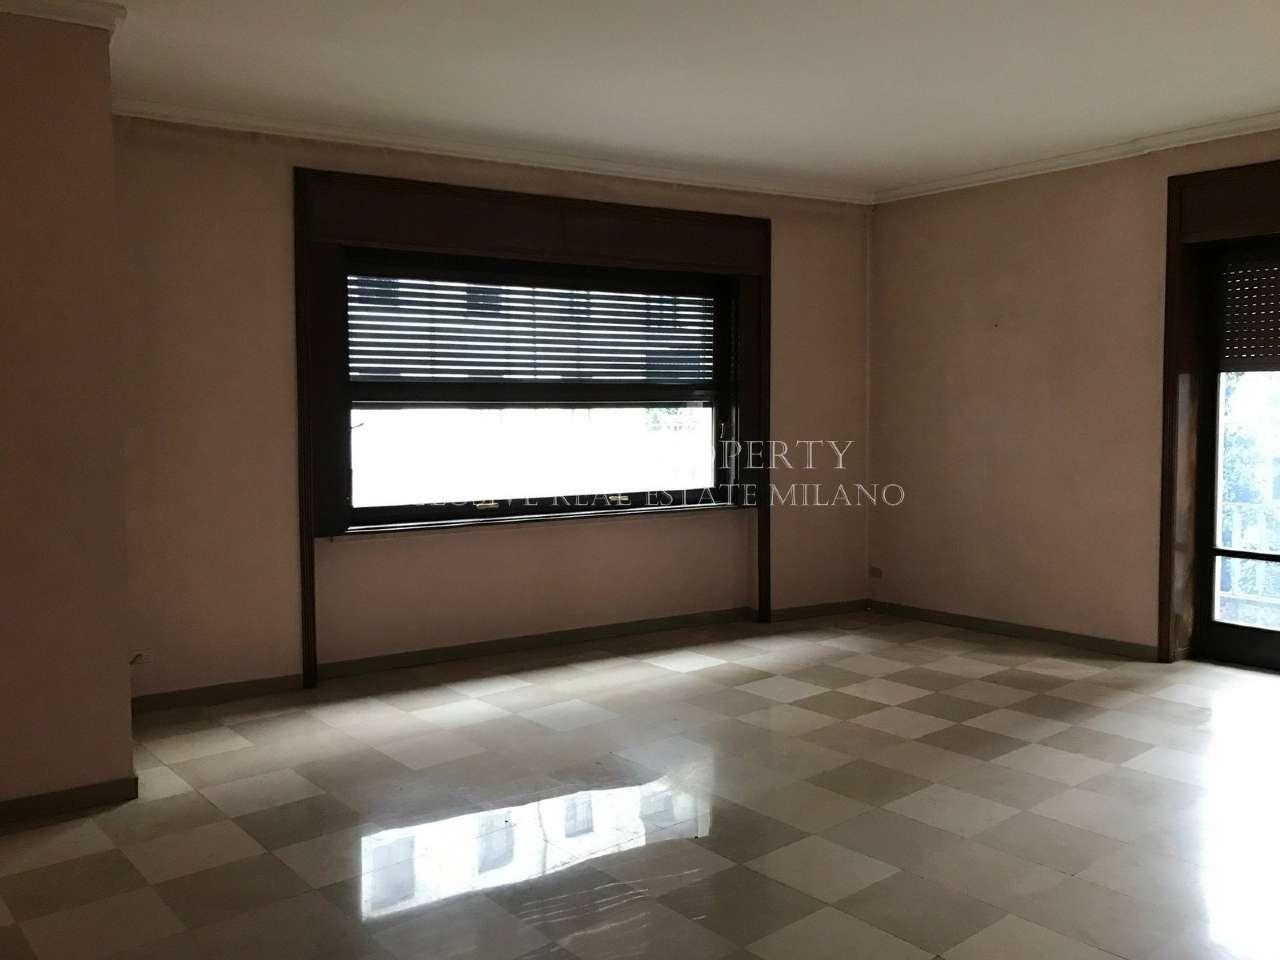 Appartamento in Vendita a Milano: 4 locali, 170 mq - Foto 6